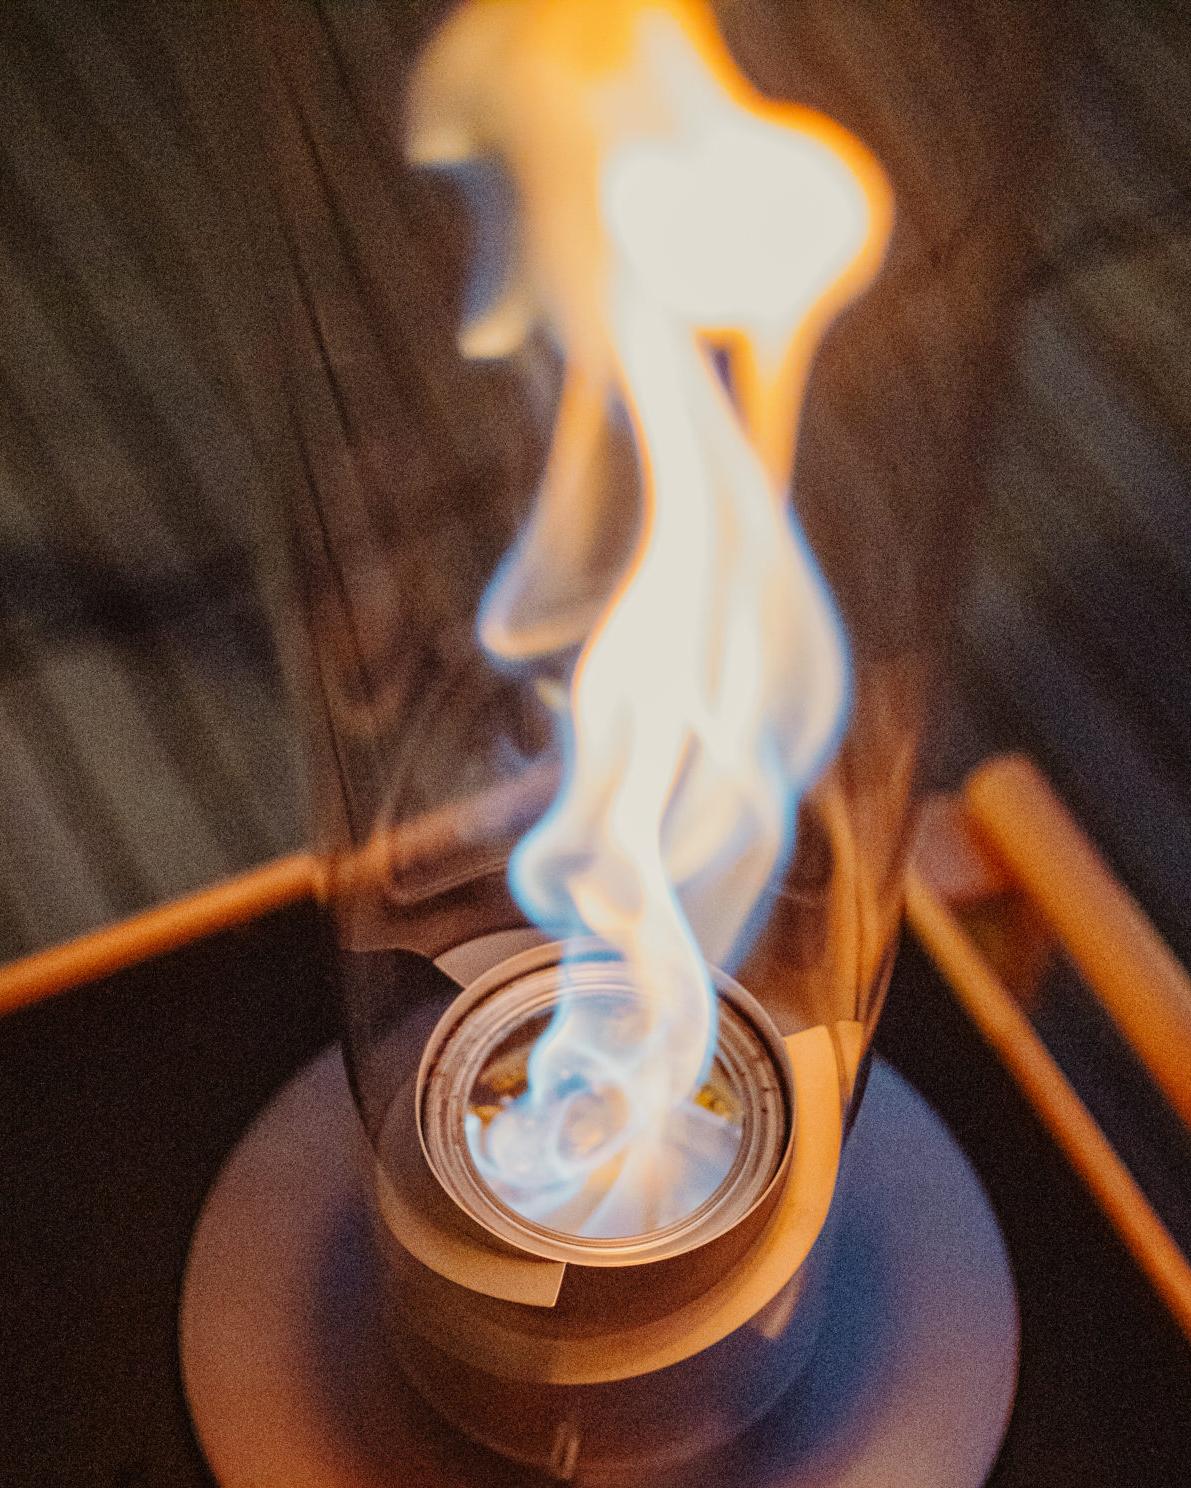 人にも環境にも優しい本品は、安心な「炎のある暮らし」を提案してくれます。煙突効果で炎が廻りながら上昇!煙が出にくい安全燃料の「テーブルランタン&ガーデントーチ」|Hofats SPIN(ホーファッツ スピン)